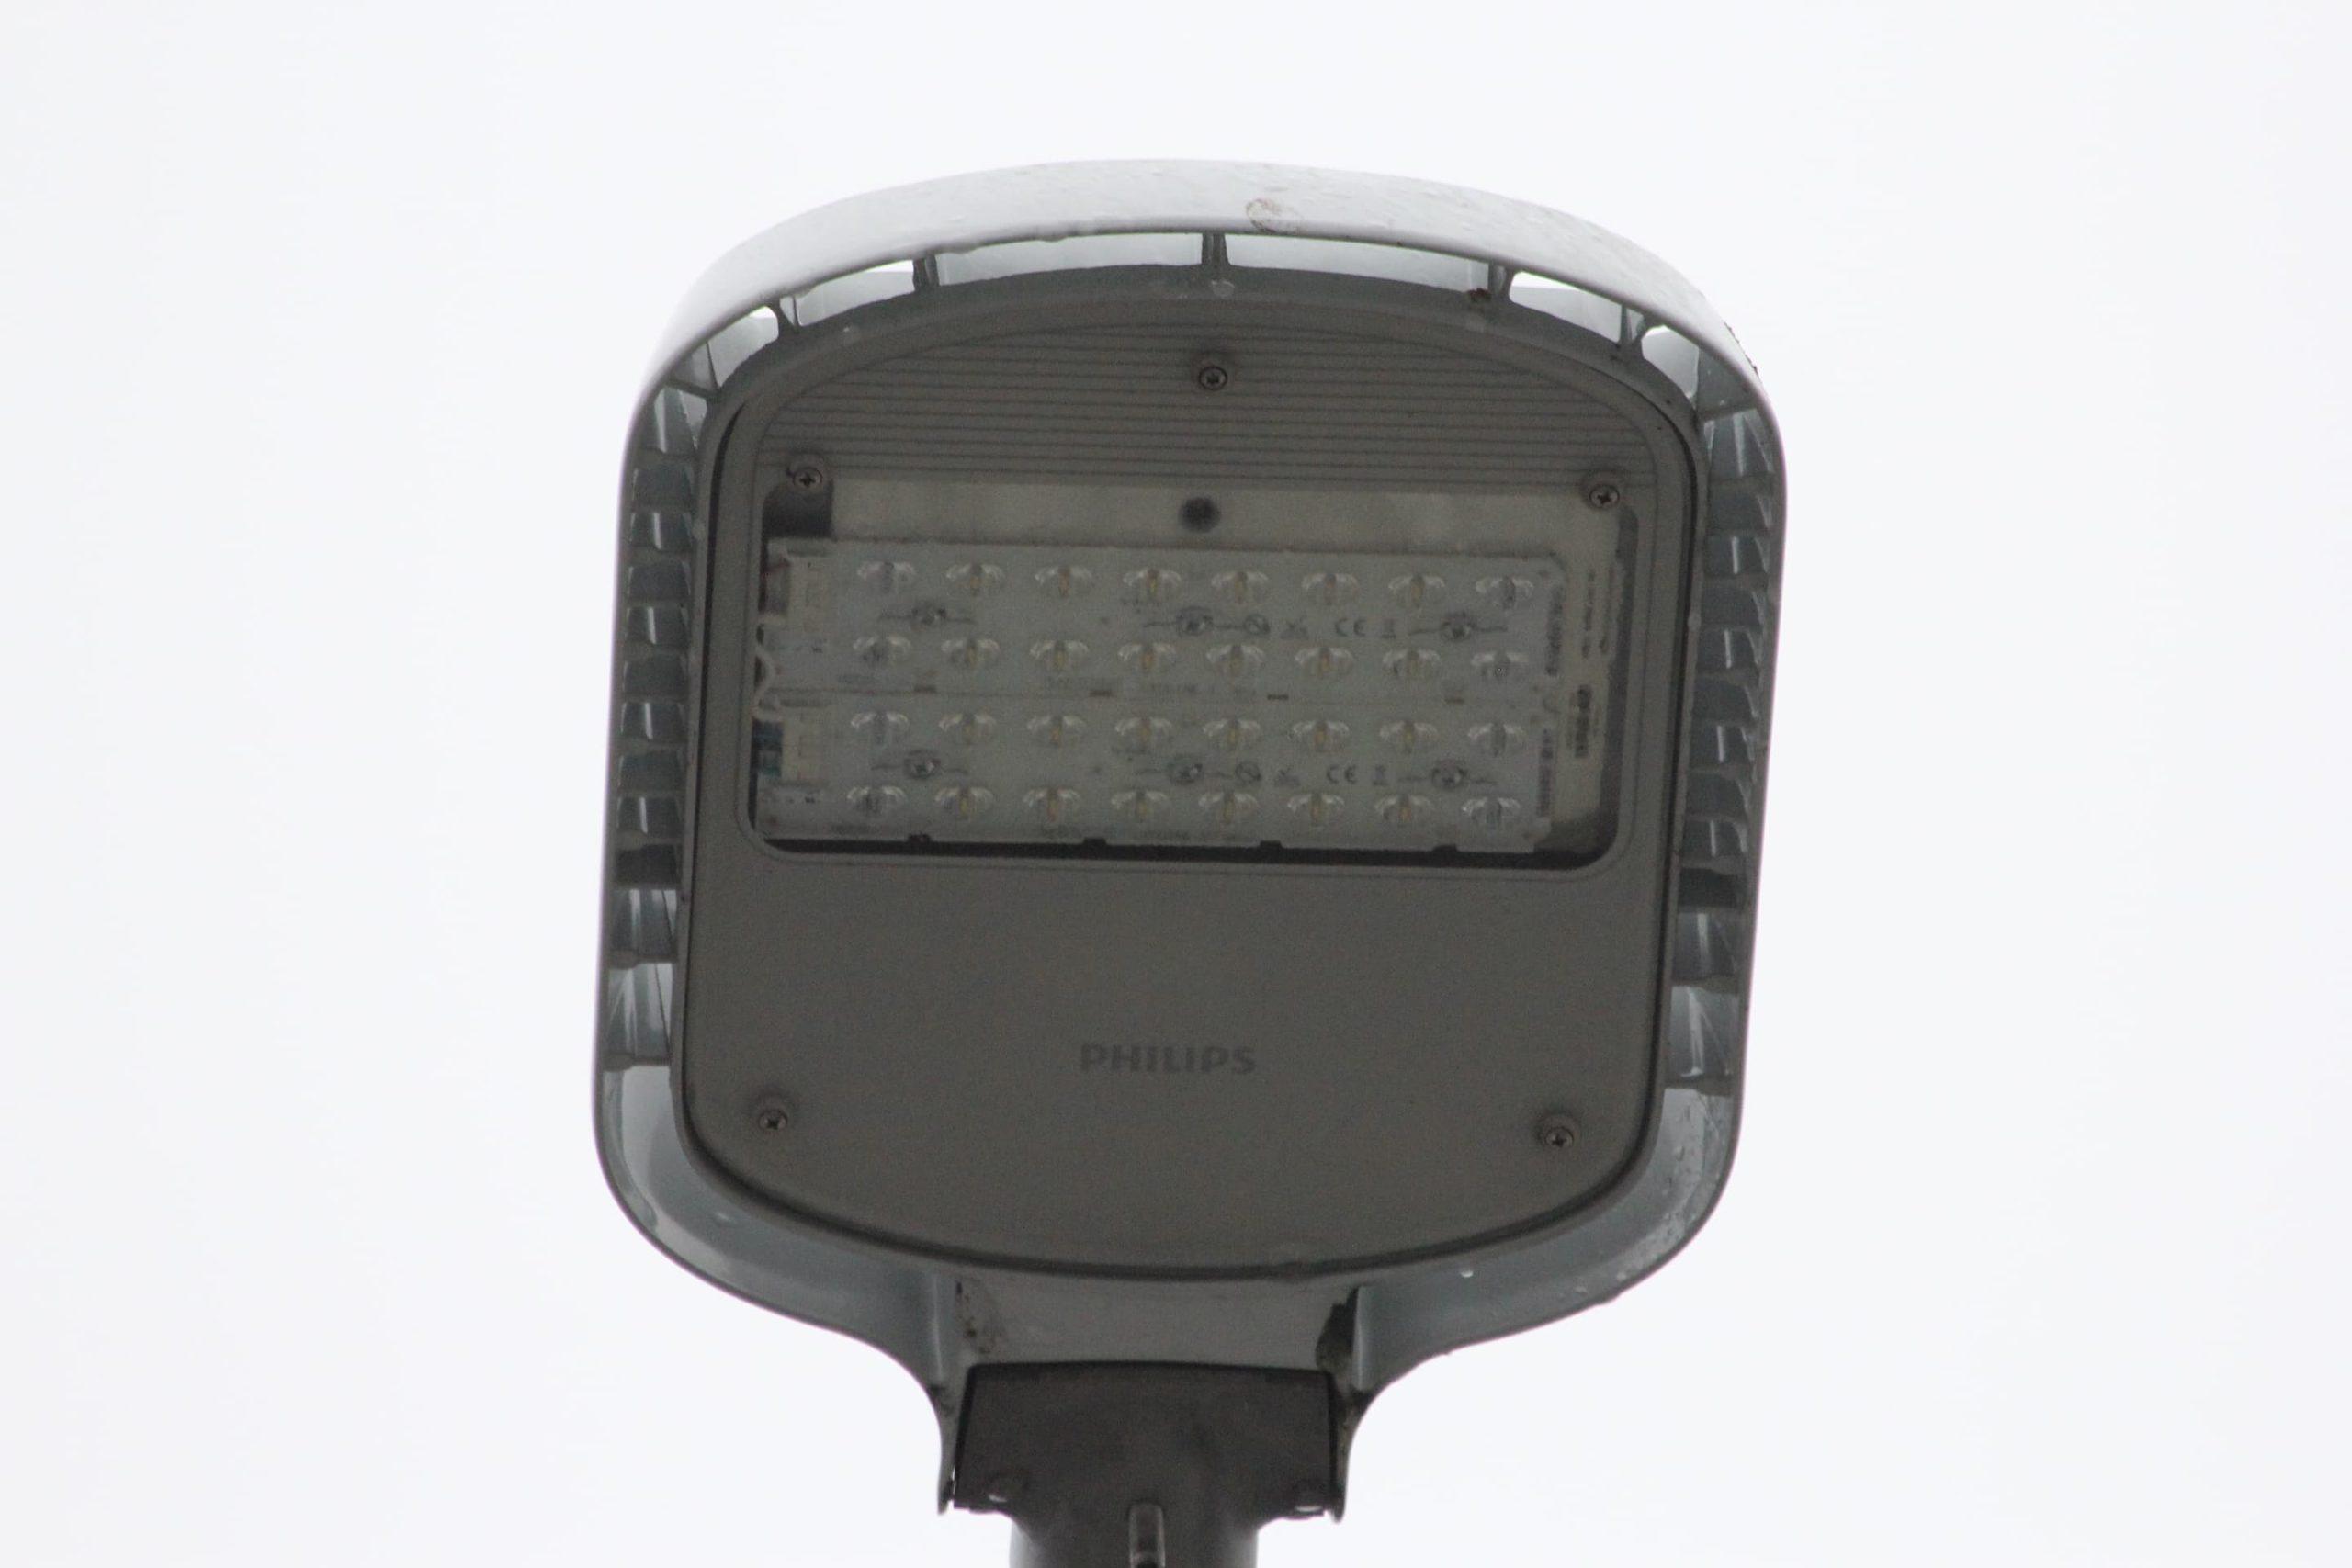 Close-up of a Philips luminaire in Biķernieki track